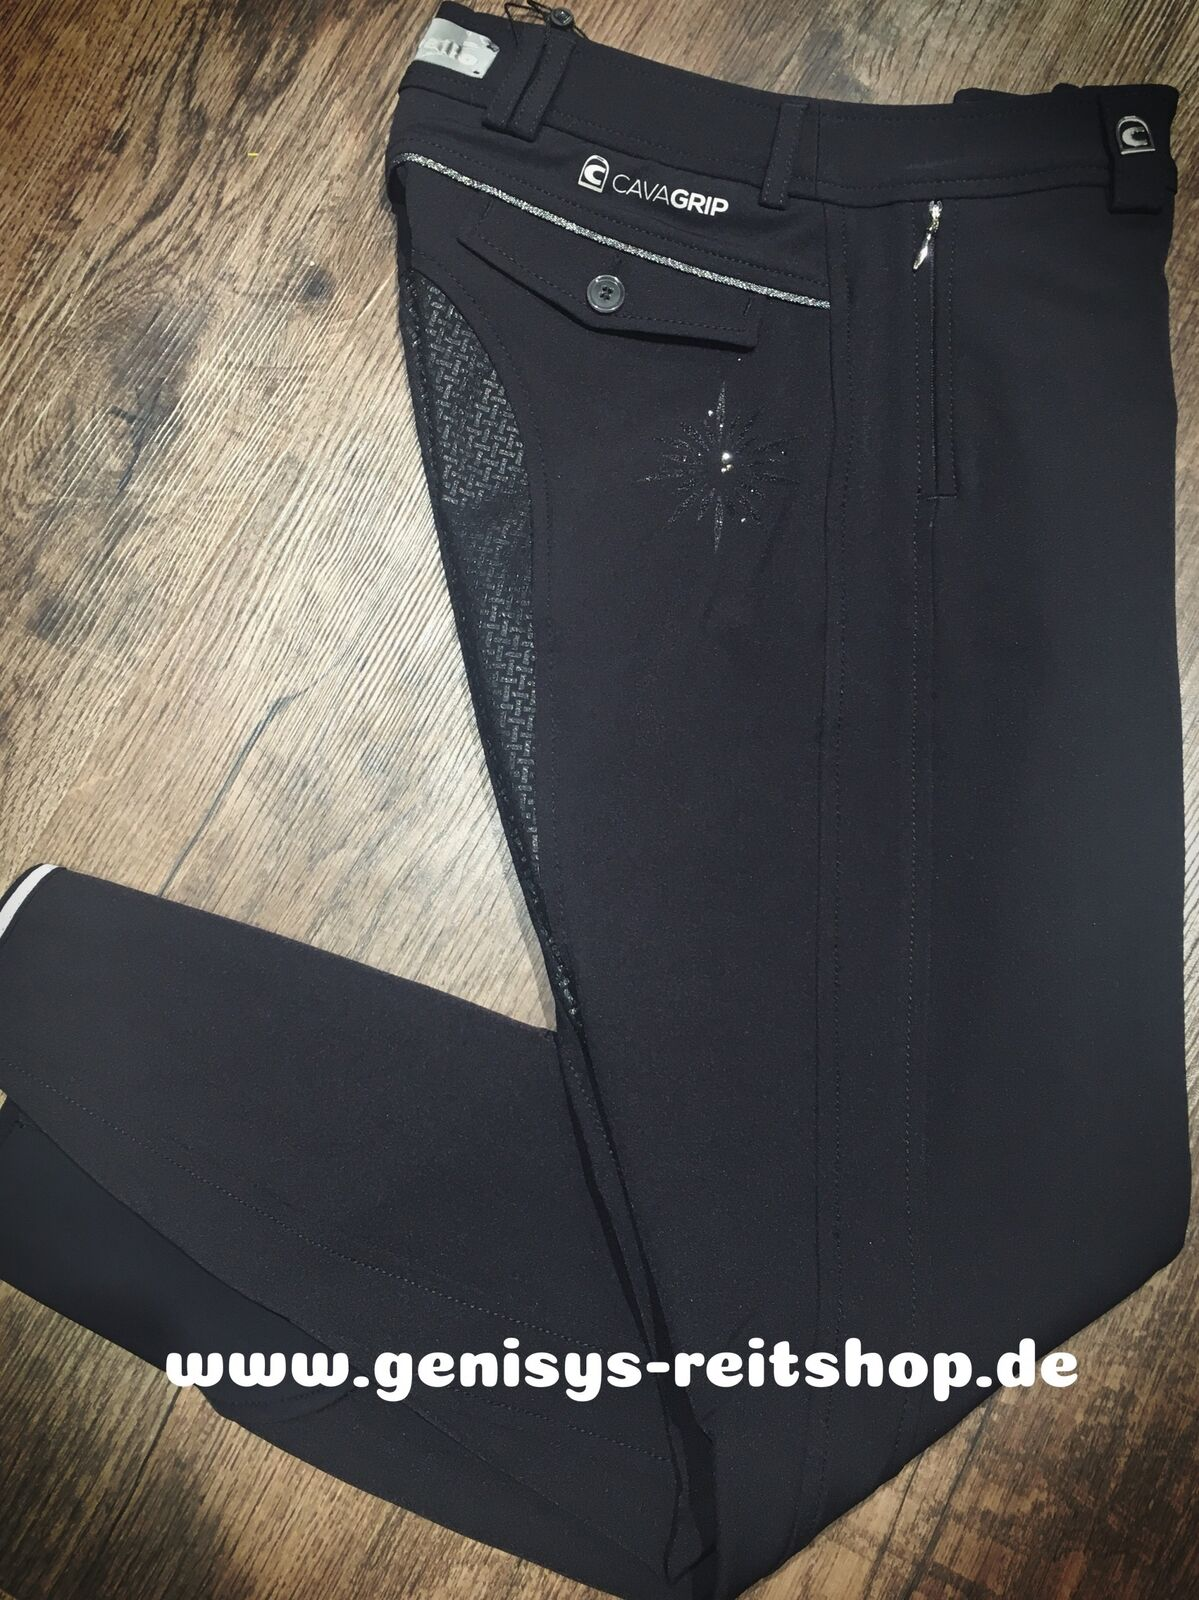 Cavallo Reithose Cosima Cosima Cosima GRIP ART schwarz HW17  | Maßstab ist der Grundstein, Qualität ist Säulenbalken, Preis ist Leiter  | Elegante Und Stabile Verpackung  | Innovation  9cc5ca